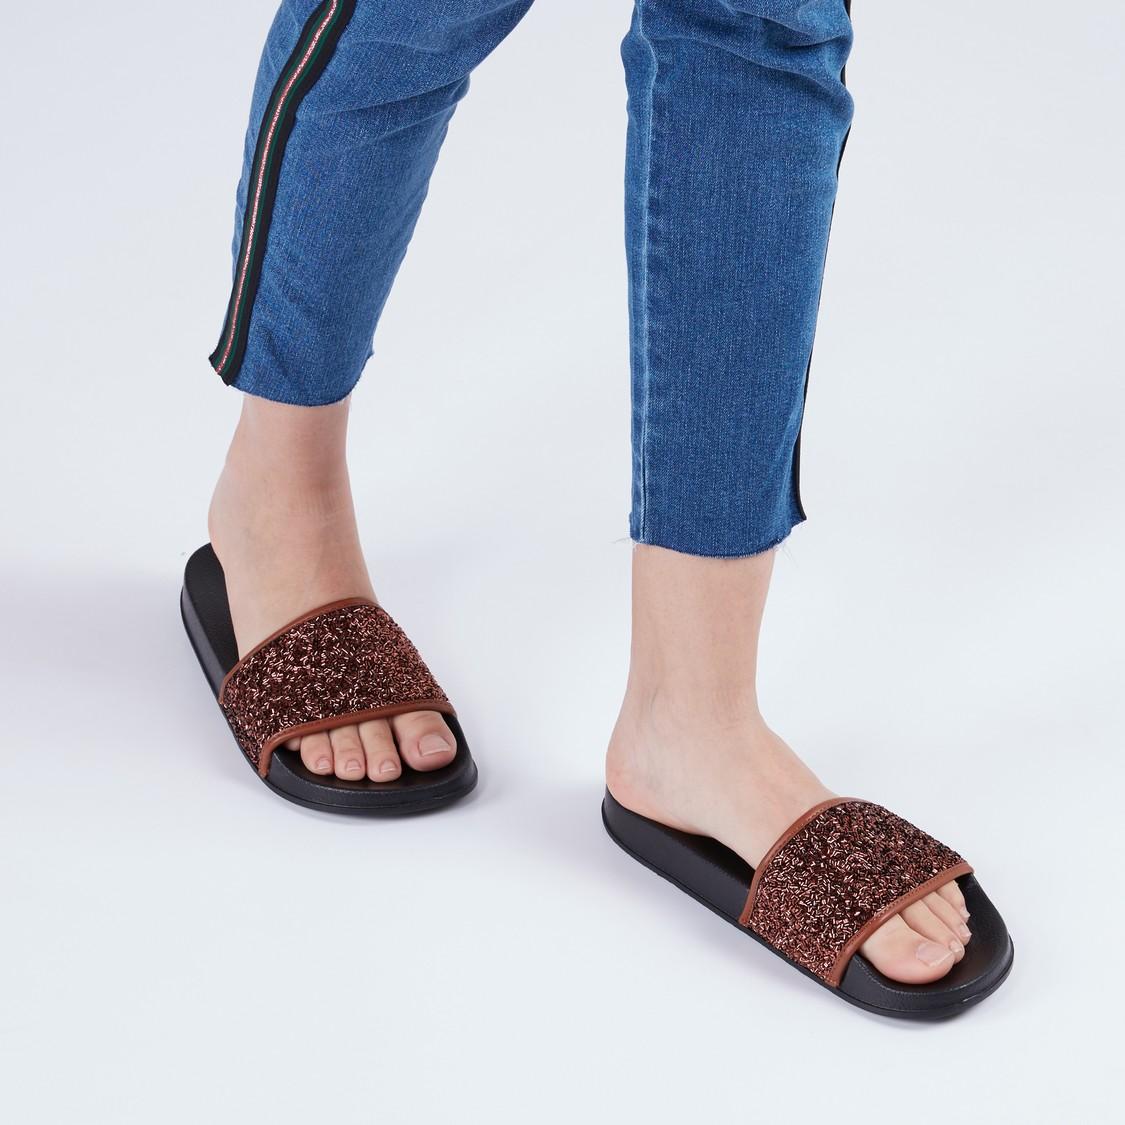 حذاء خفيف بأحزمة مزيّنة